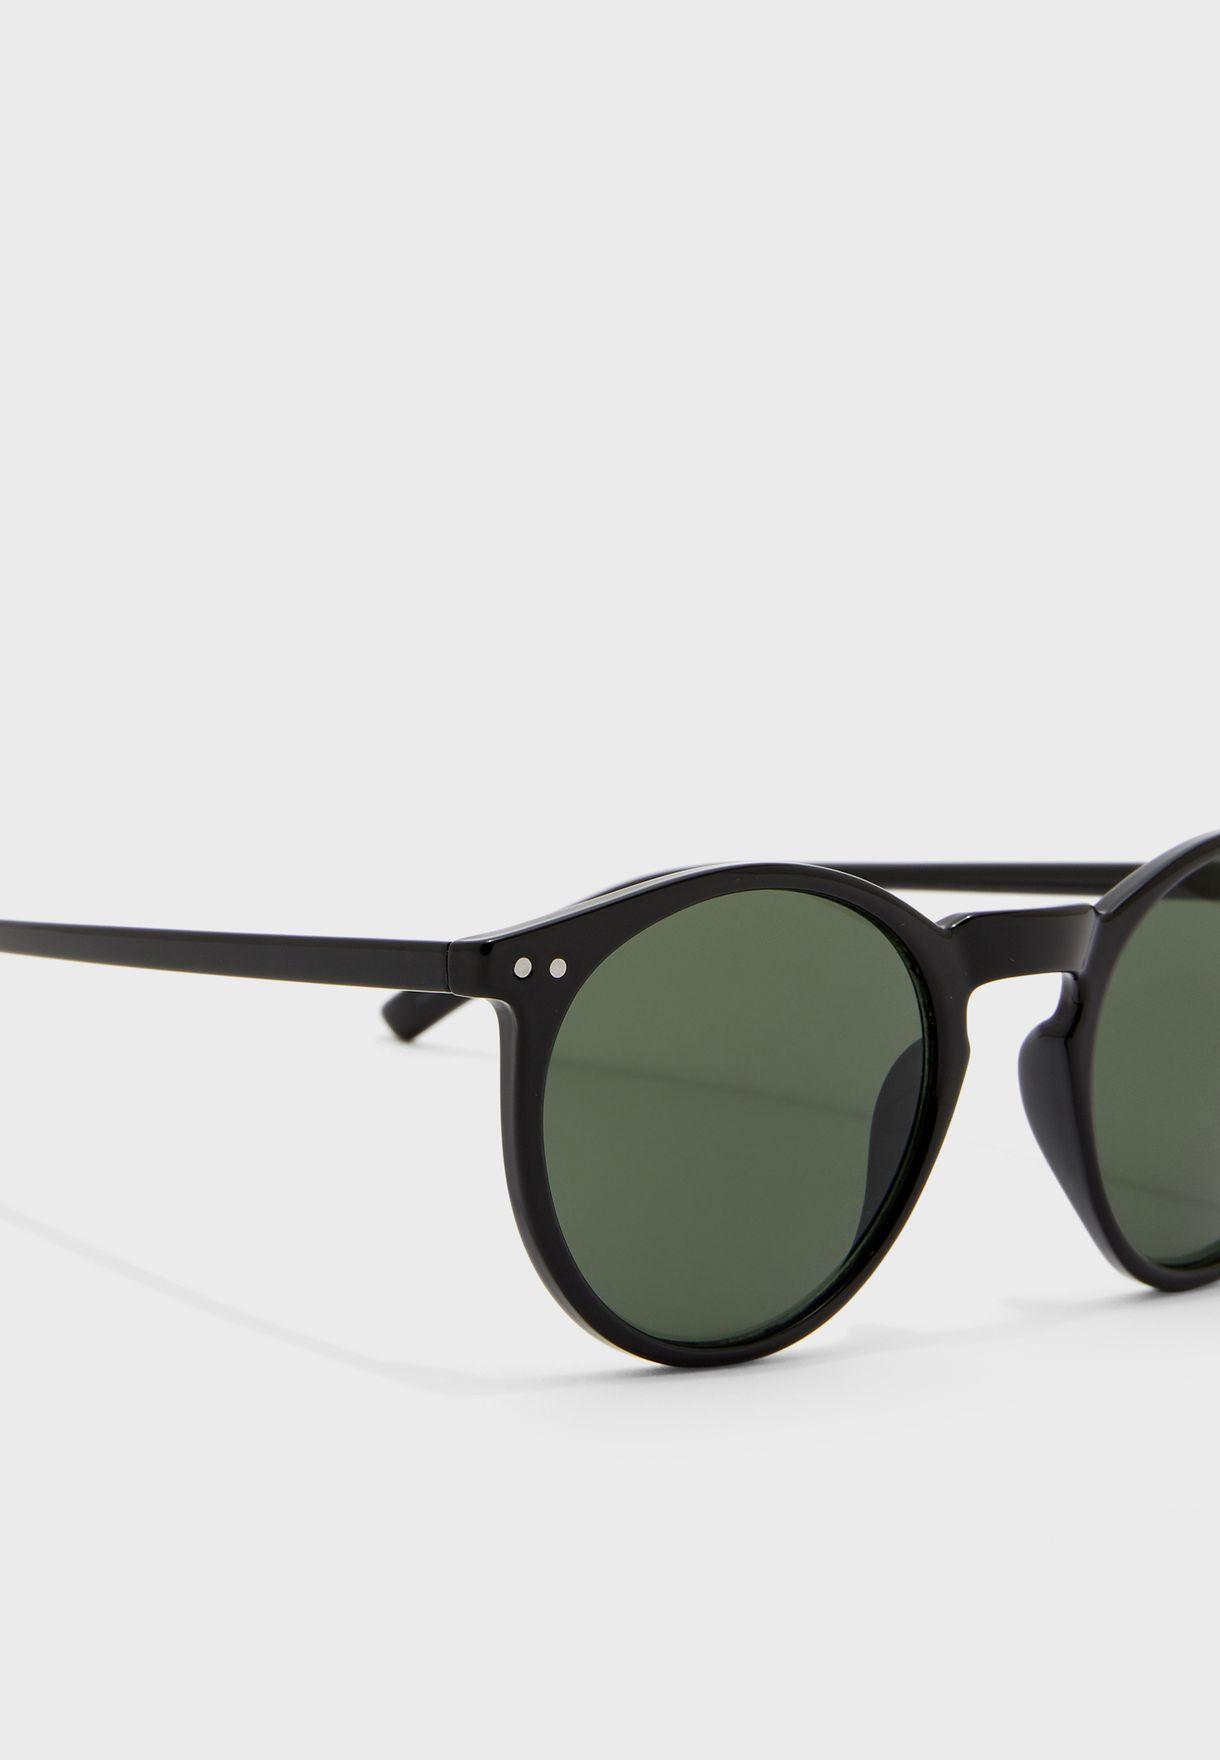 نظارة شمسية باركر بجسر مزدوج